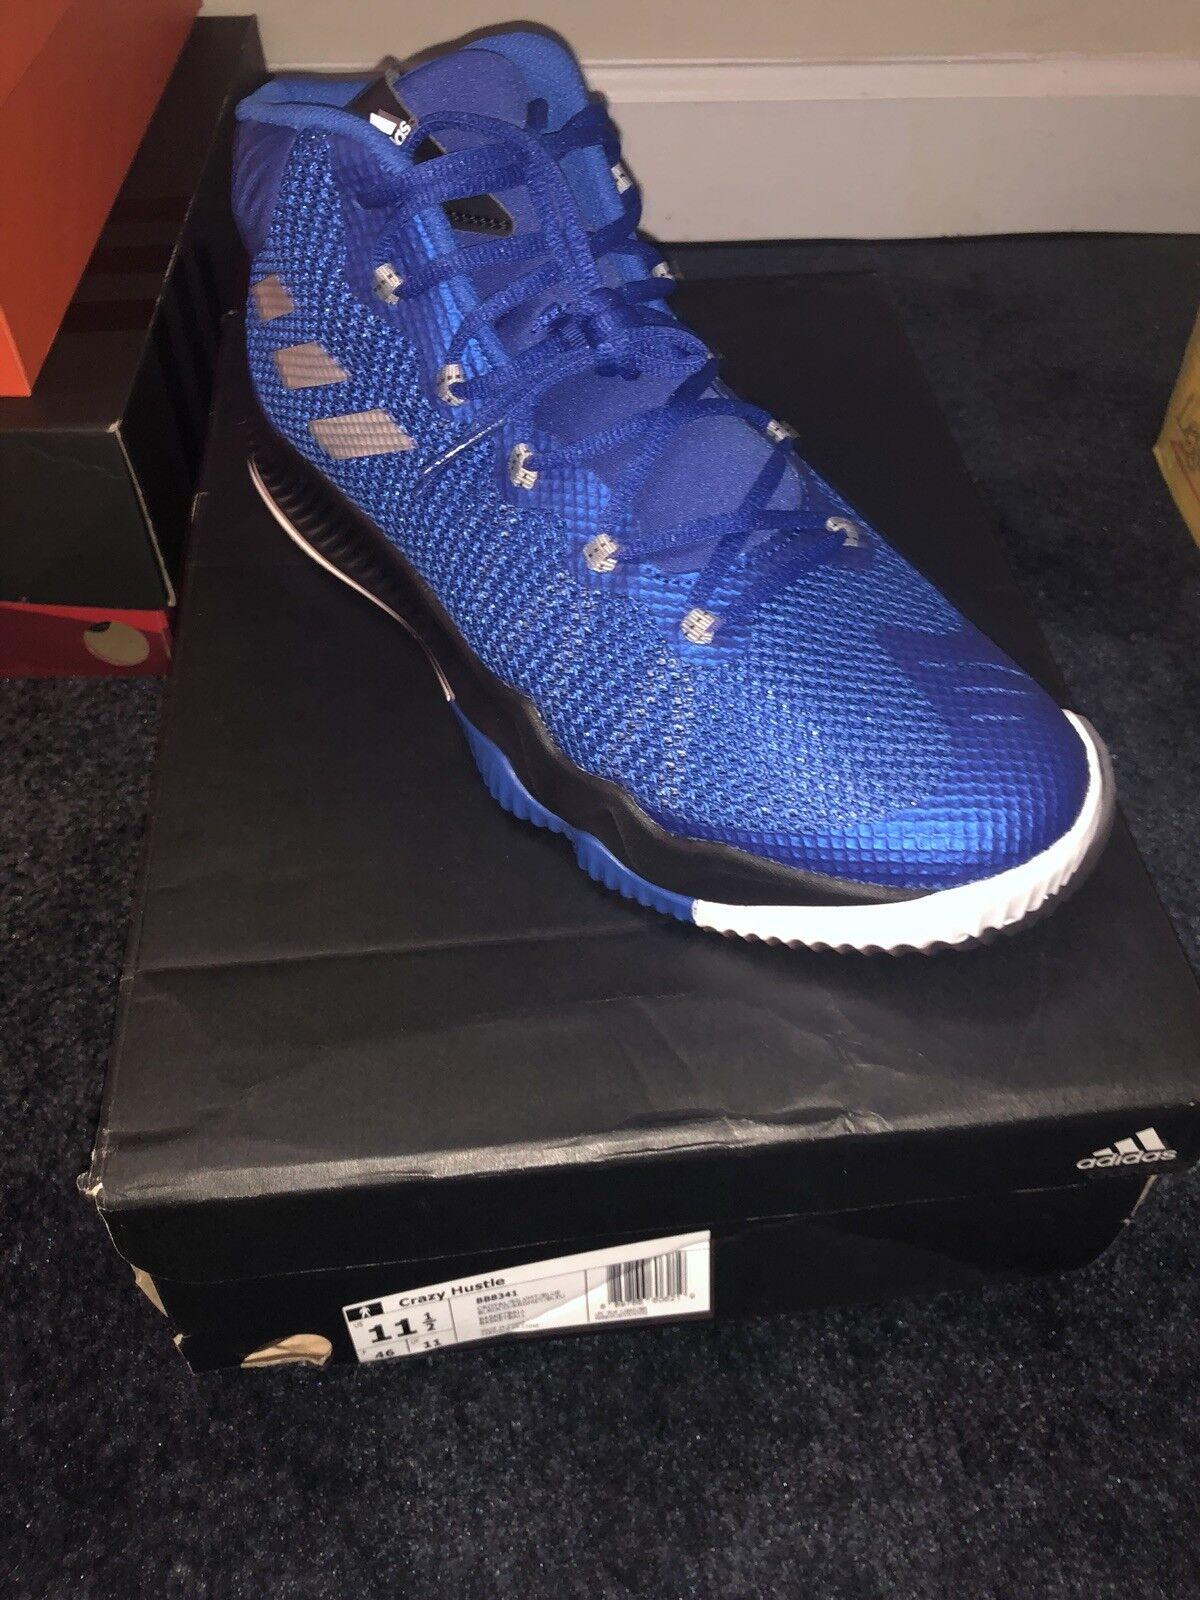 Gli uomini scarpe  adidas pazzo hustle scarpe uomini da basket reale blu bianco e nero bb8341 a1 5185df